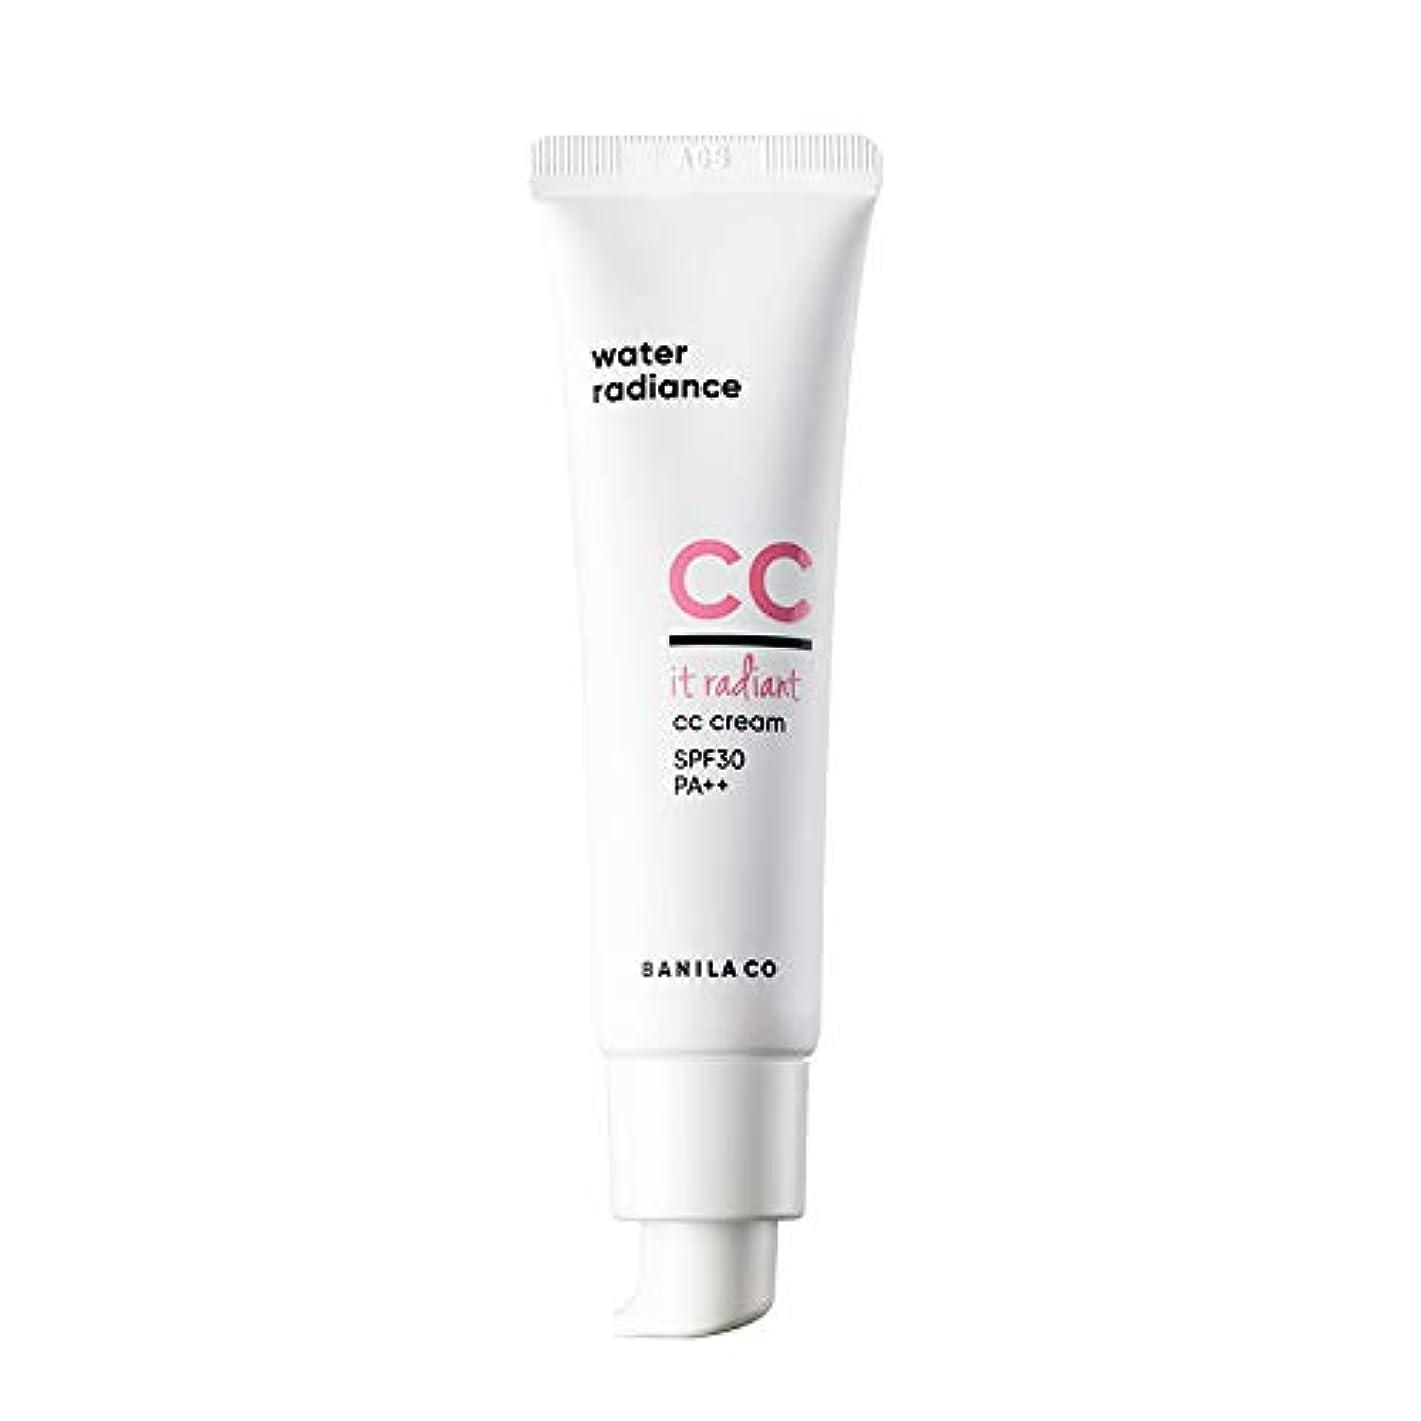 墓地辛いドラフトBANILA CO(バニラコ) イットレディアント ccクリーム It Radiant CC Cream